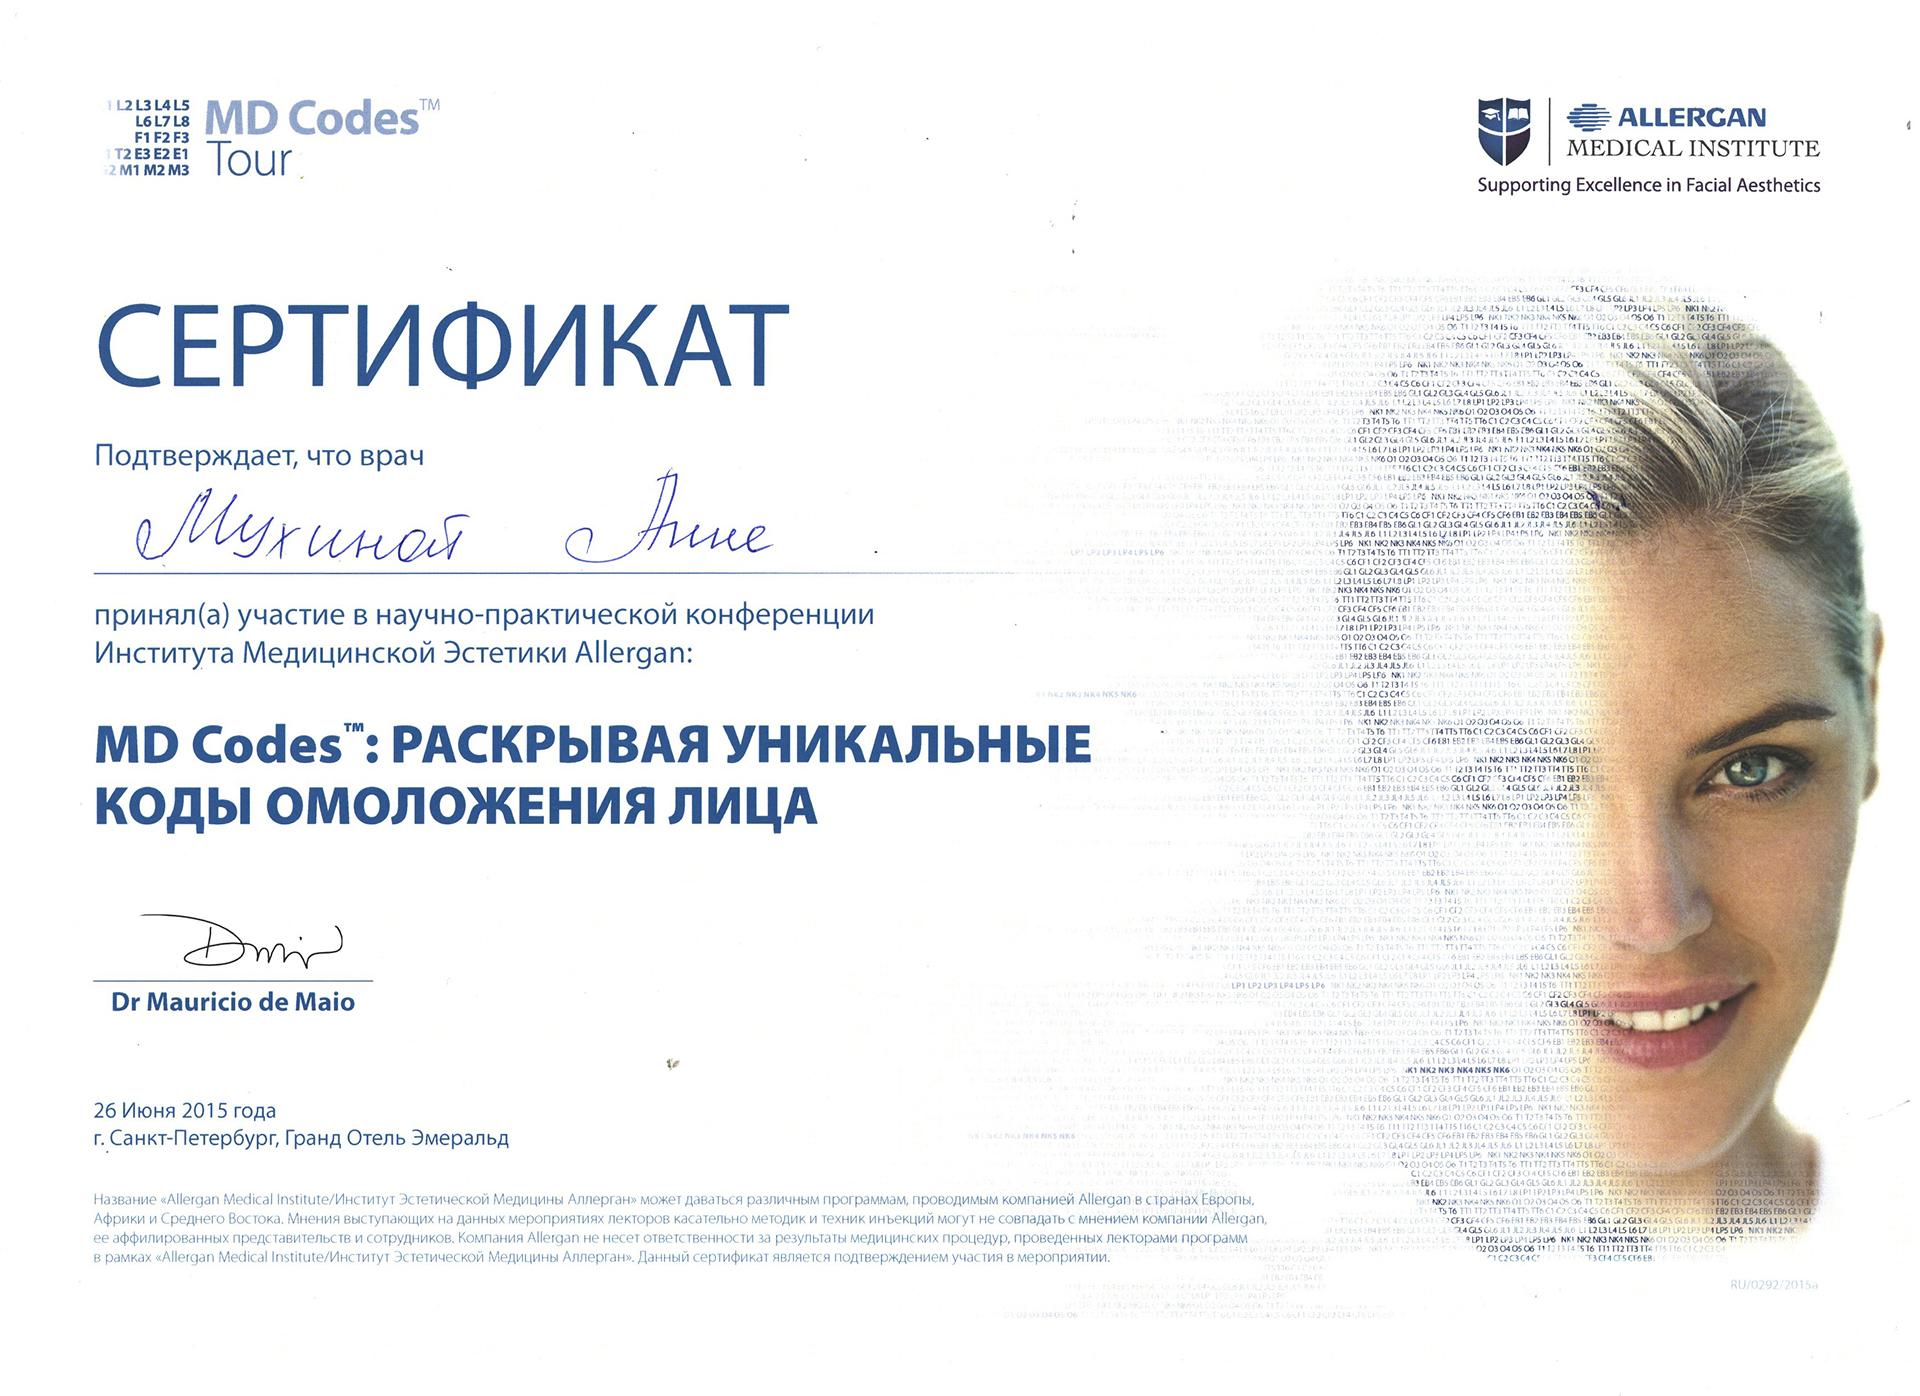 Сертификат — Конференция «MD Codes: раскрывая уникальные коды Омоложения лица. Мухина Анна Михайловна